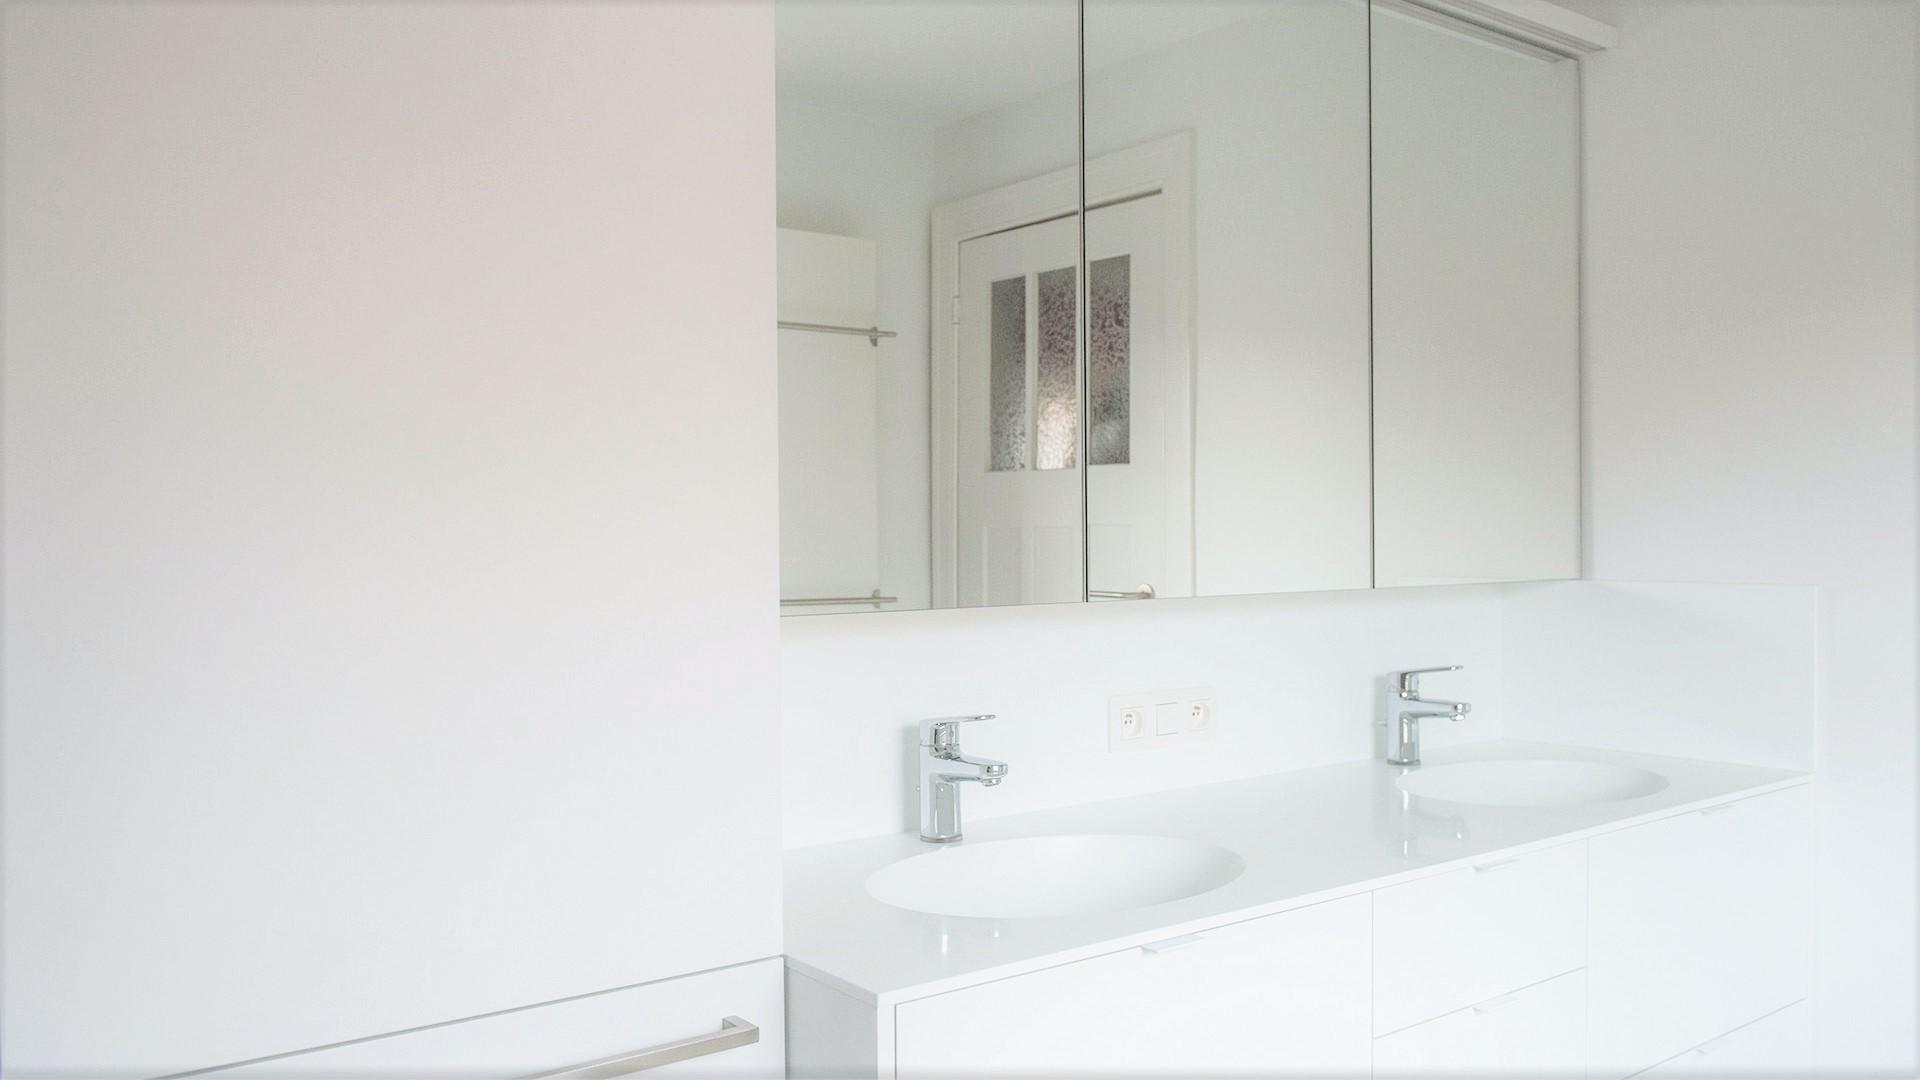 Onderhoudsvriendelijke badkamer | Renoconcept.be